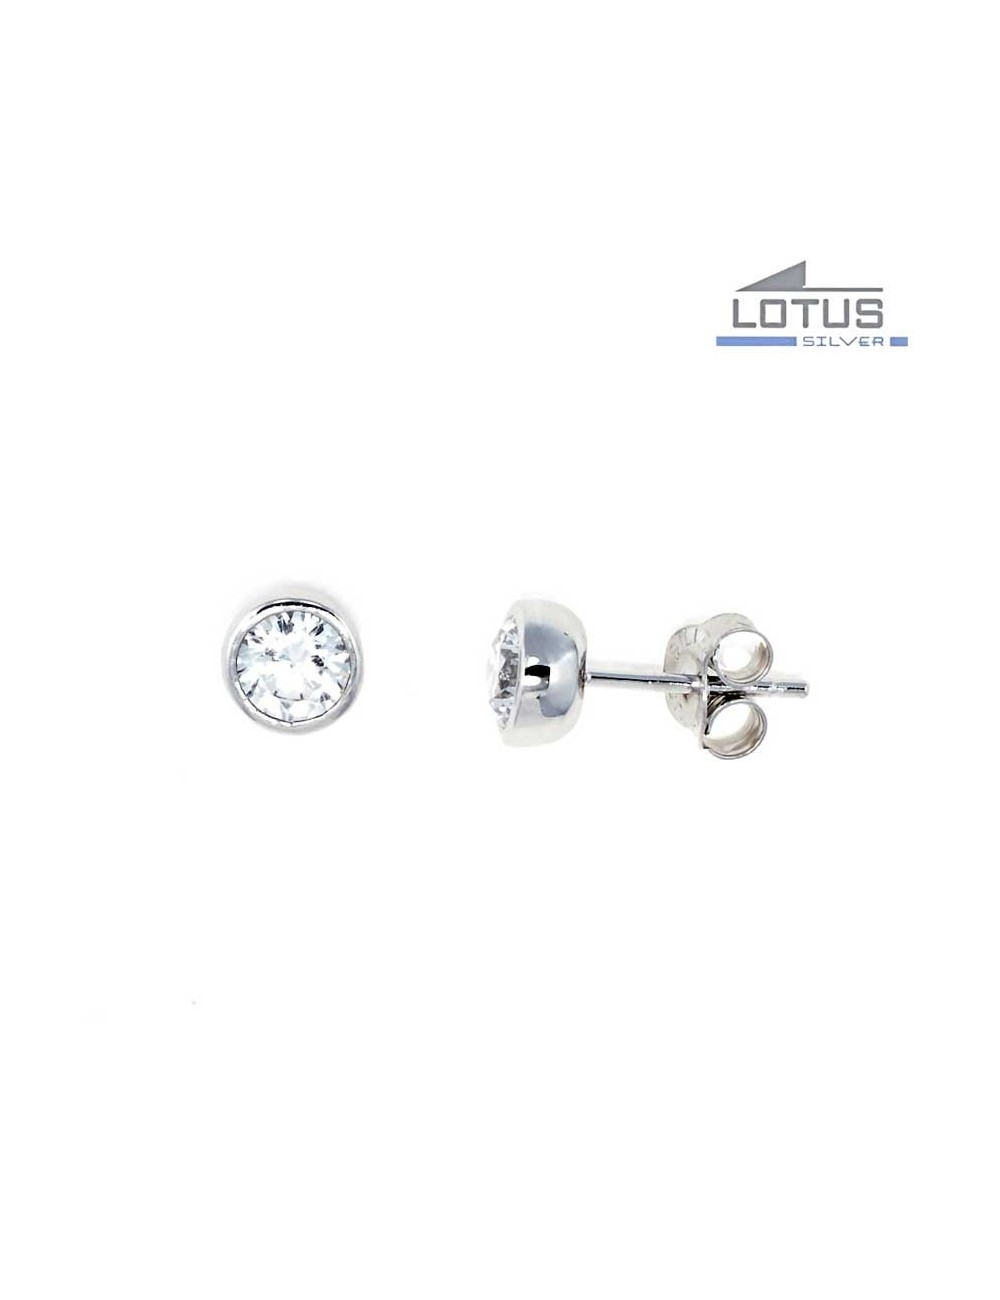 pendientes-lotus-silver-redondos-circonita-lp1272-4-1